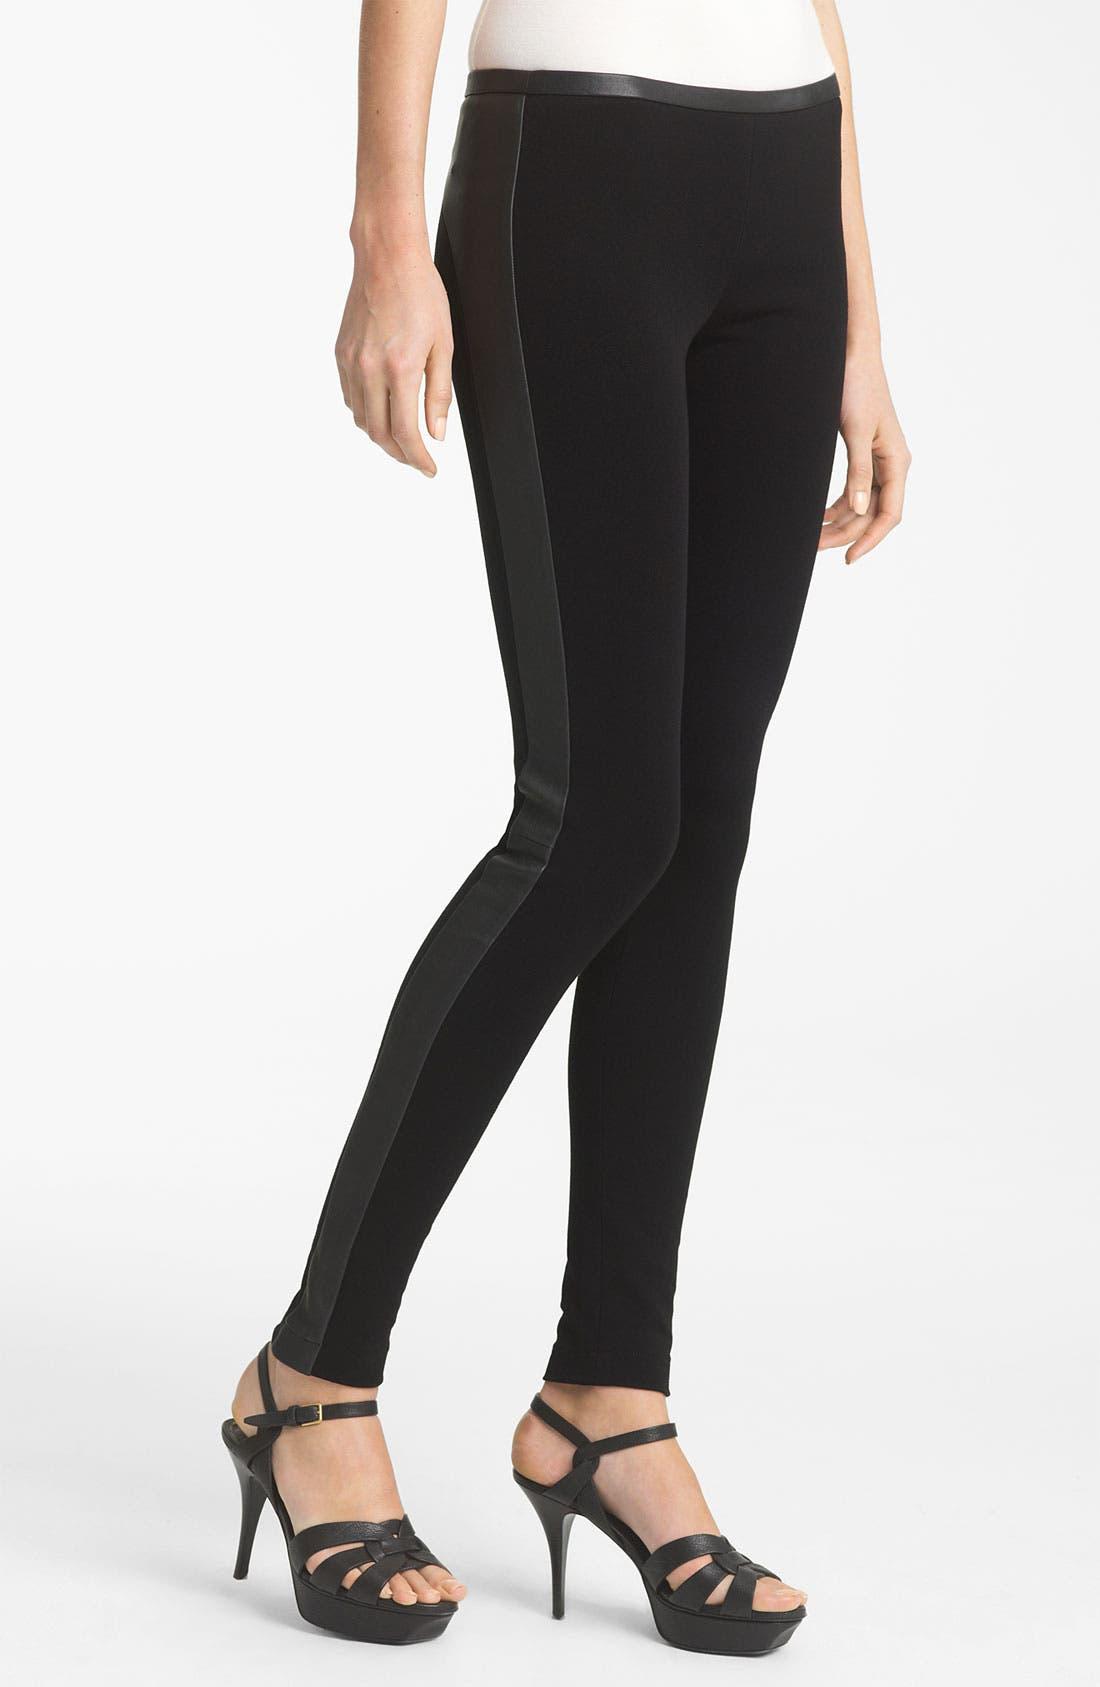 Alternate Image 1 Selected - Emilio Pucci Leather Trim Leggings